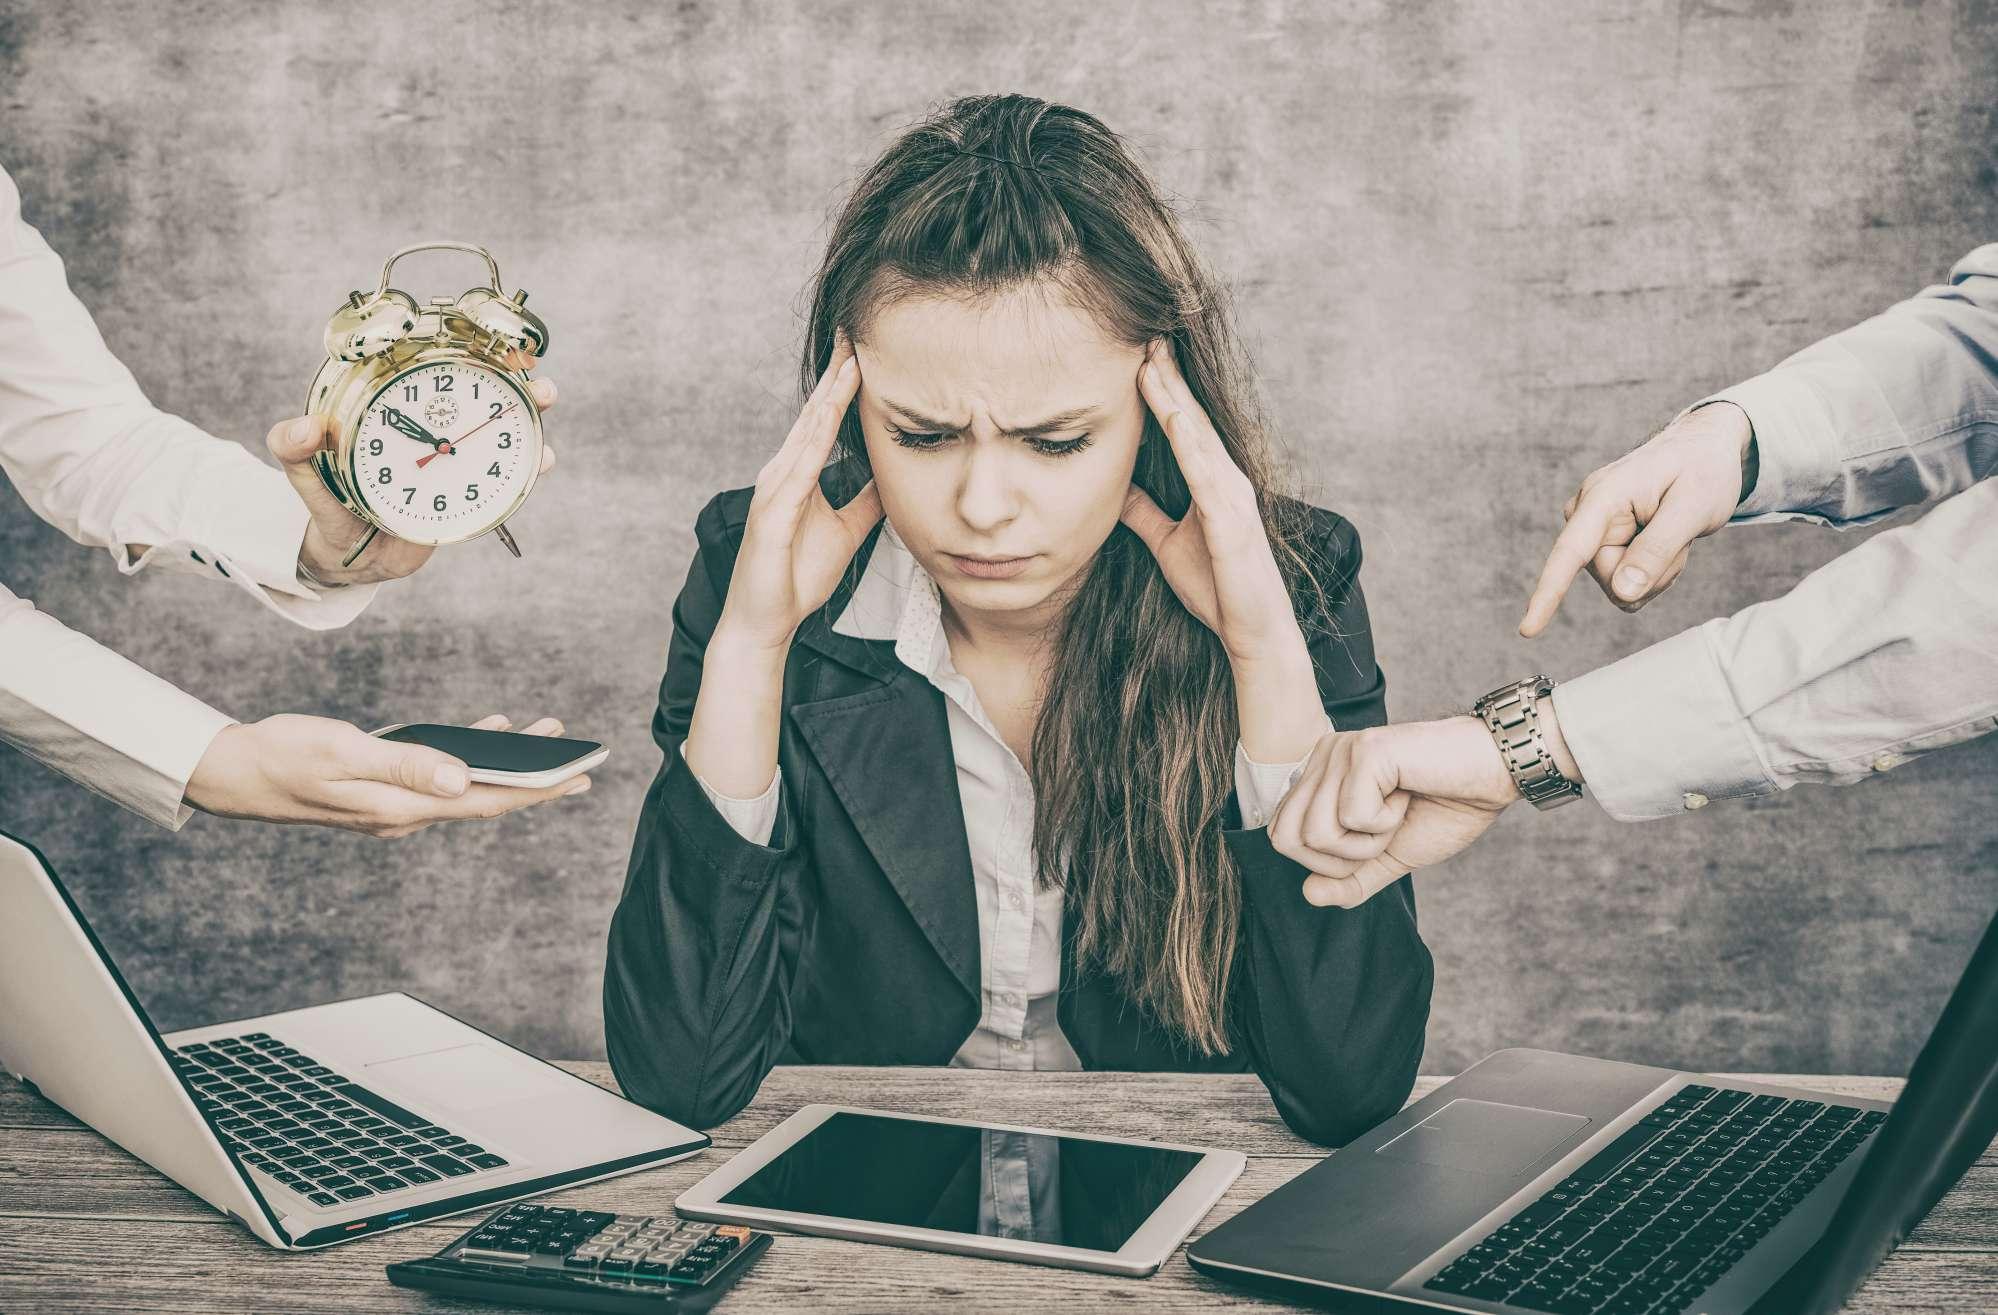 vrouw-stress-handen-druk-werk